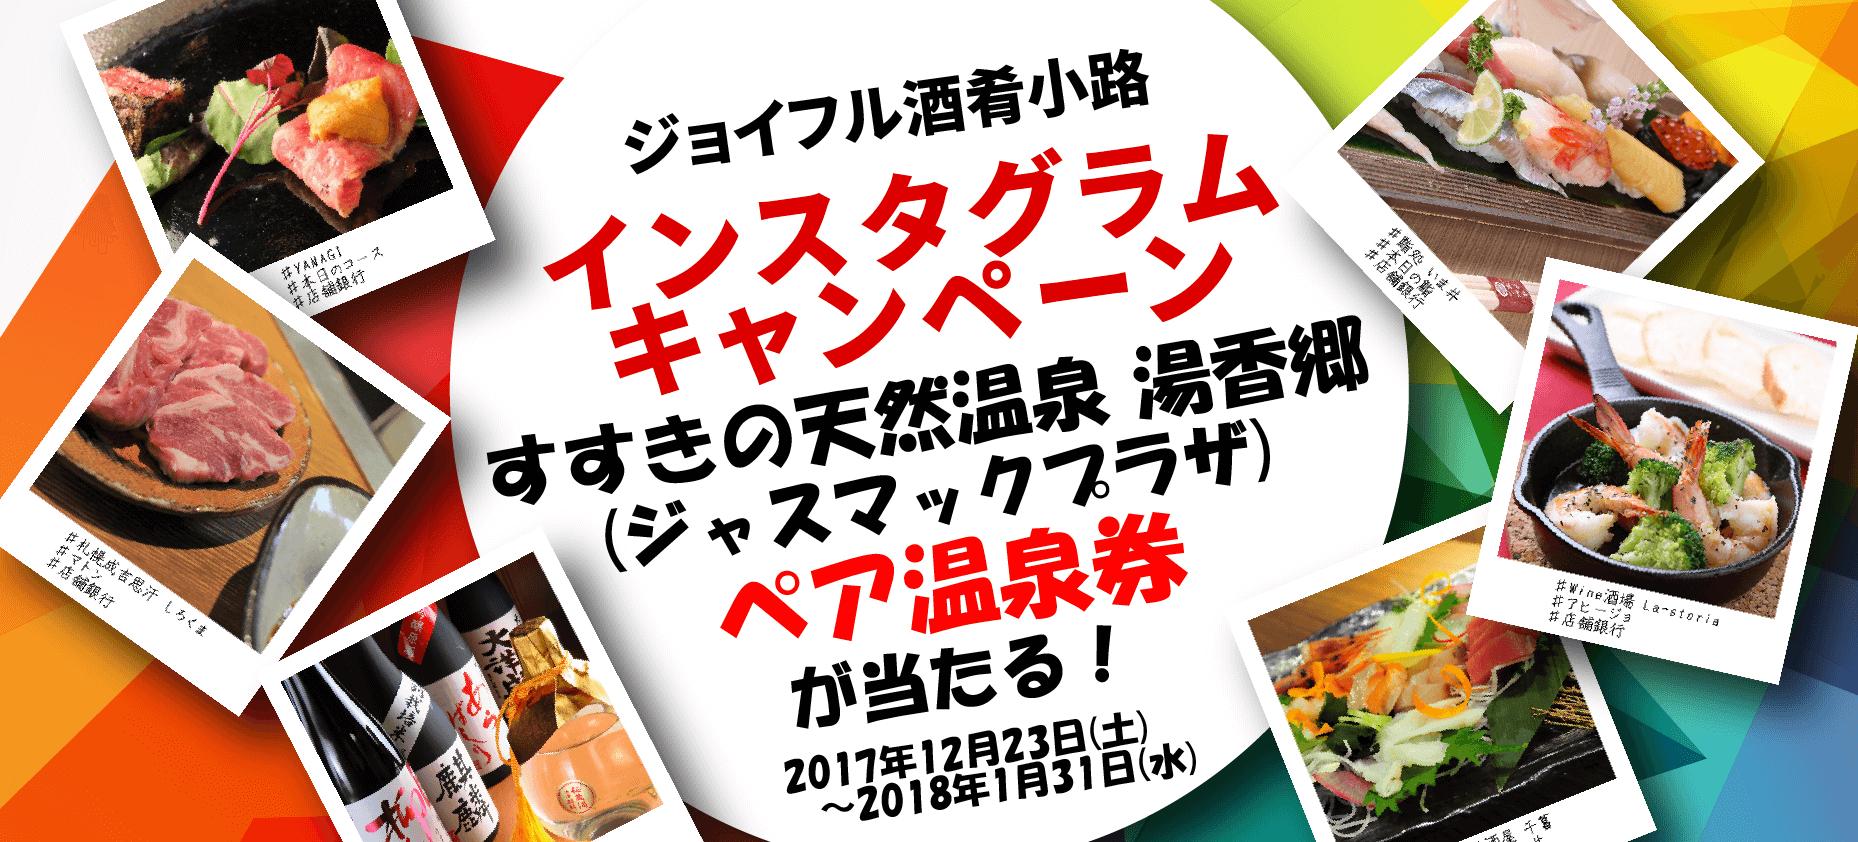 ジョイフル酒肴小路キャンペーン